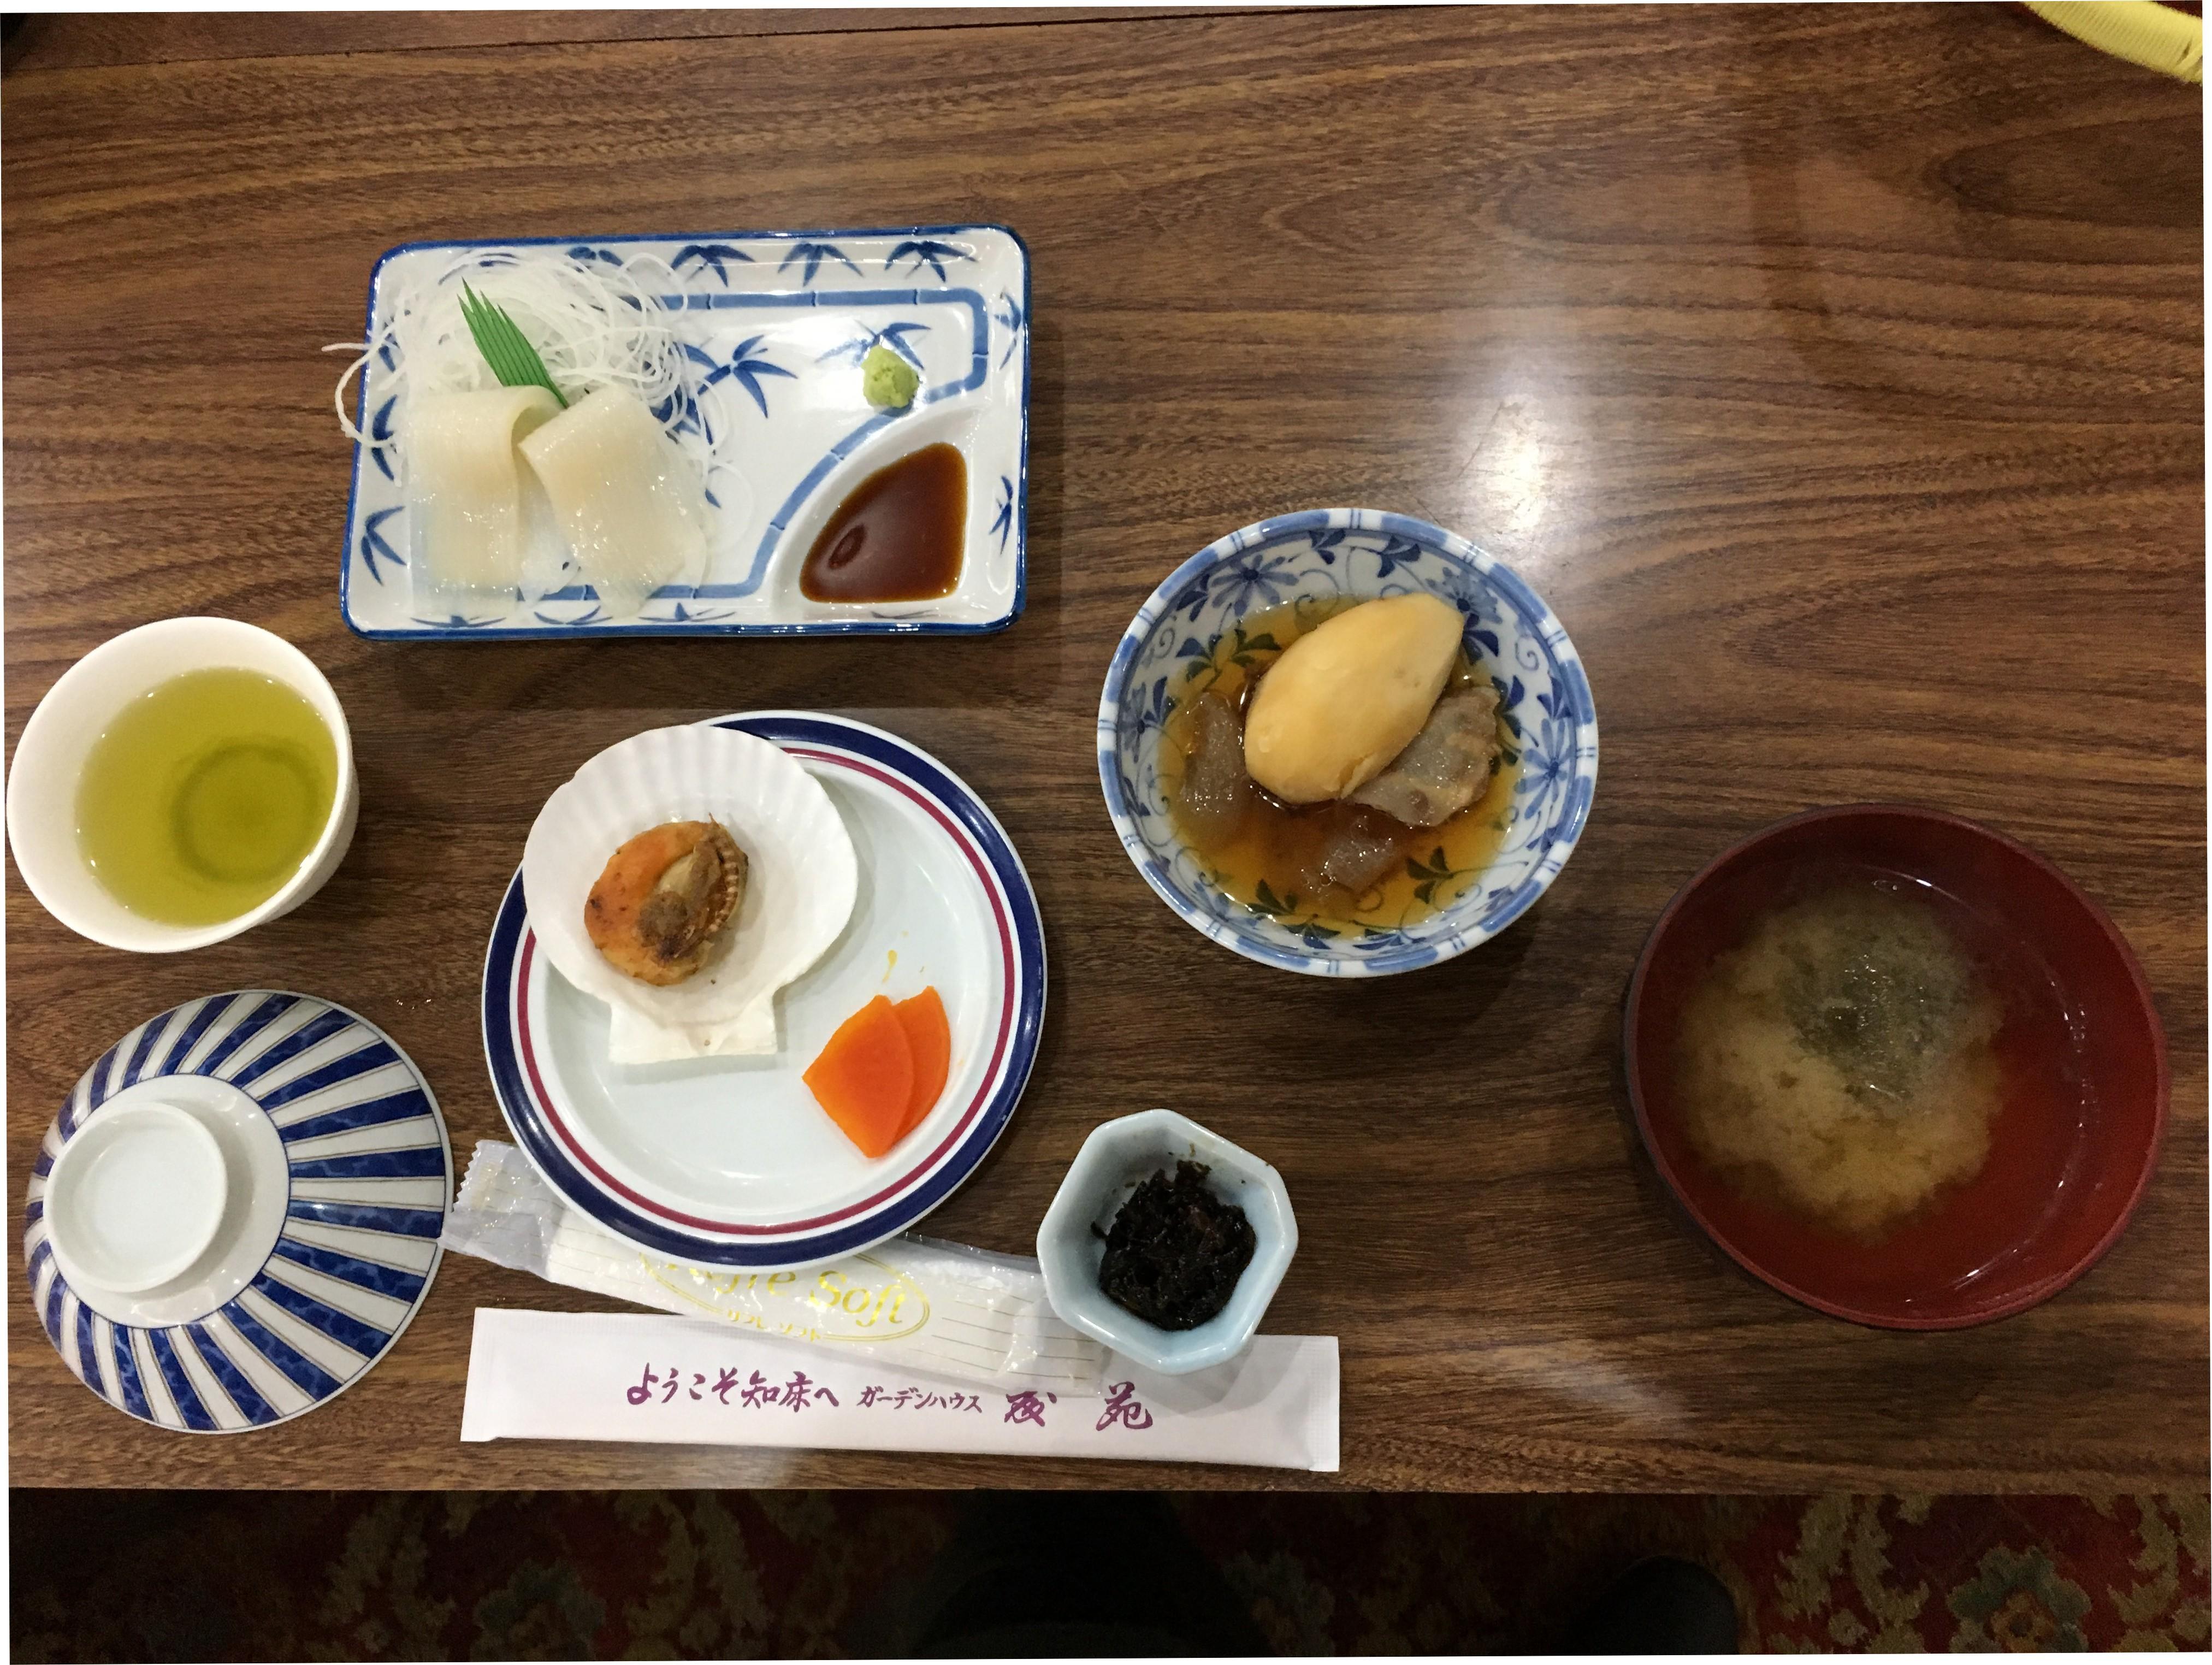 斜里・ガーデンハウス藤苑(昼食)